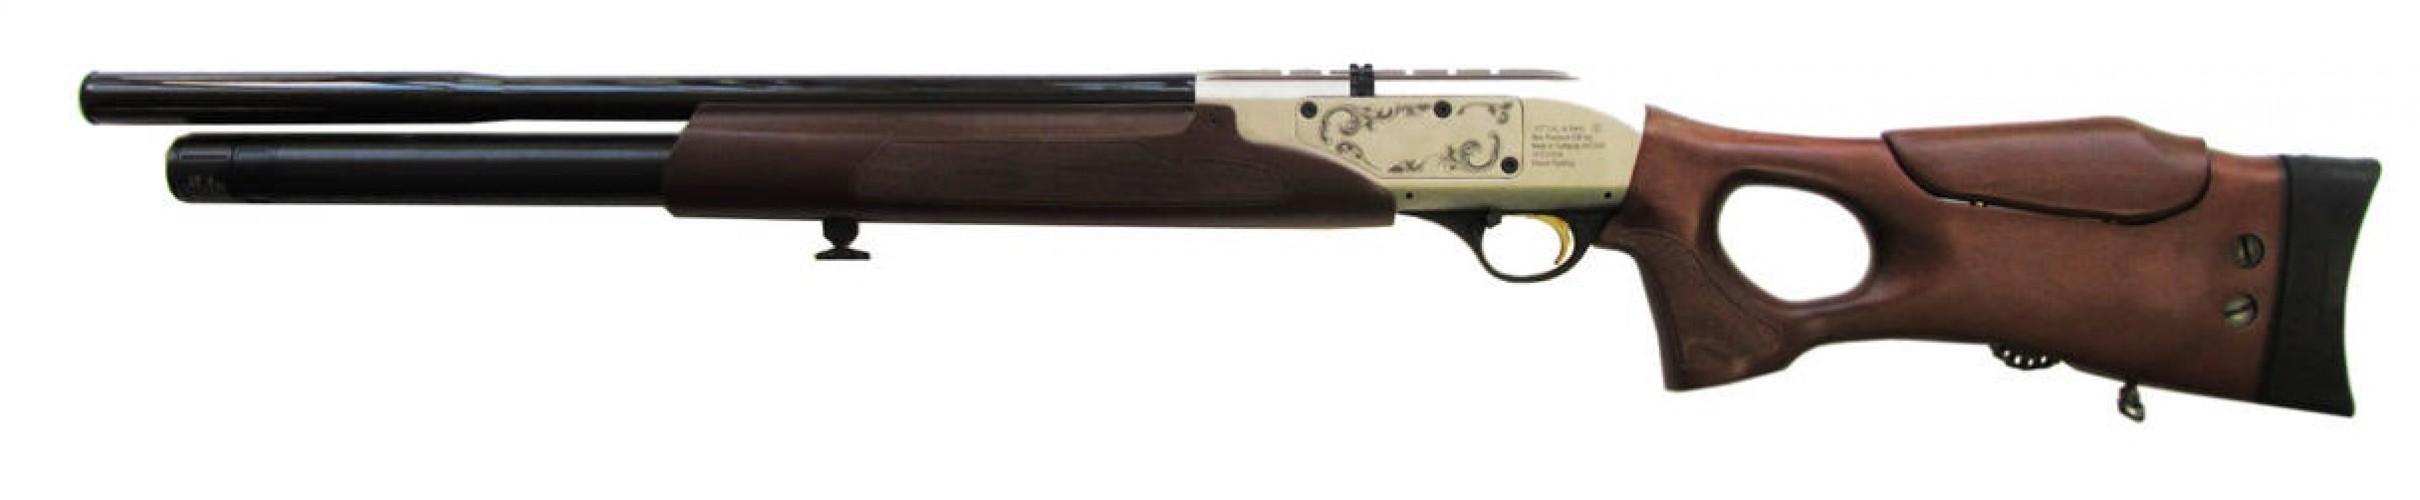 Пневматическая винтовка Hatsan Galatian1 Carbine (PCP)